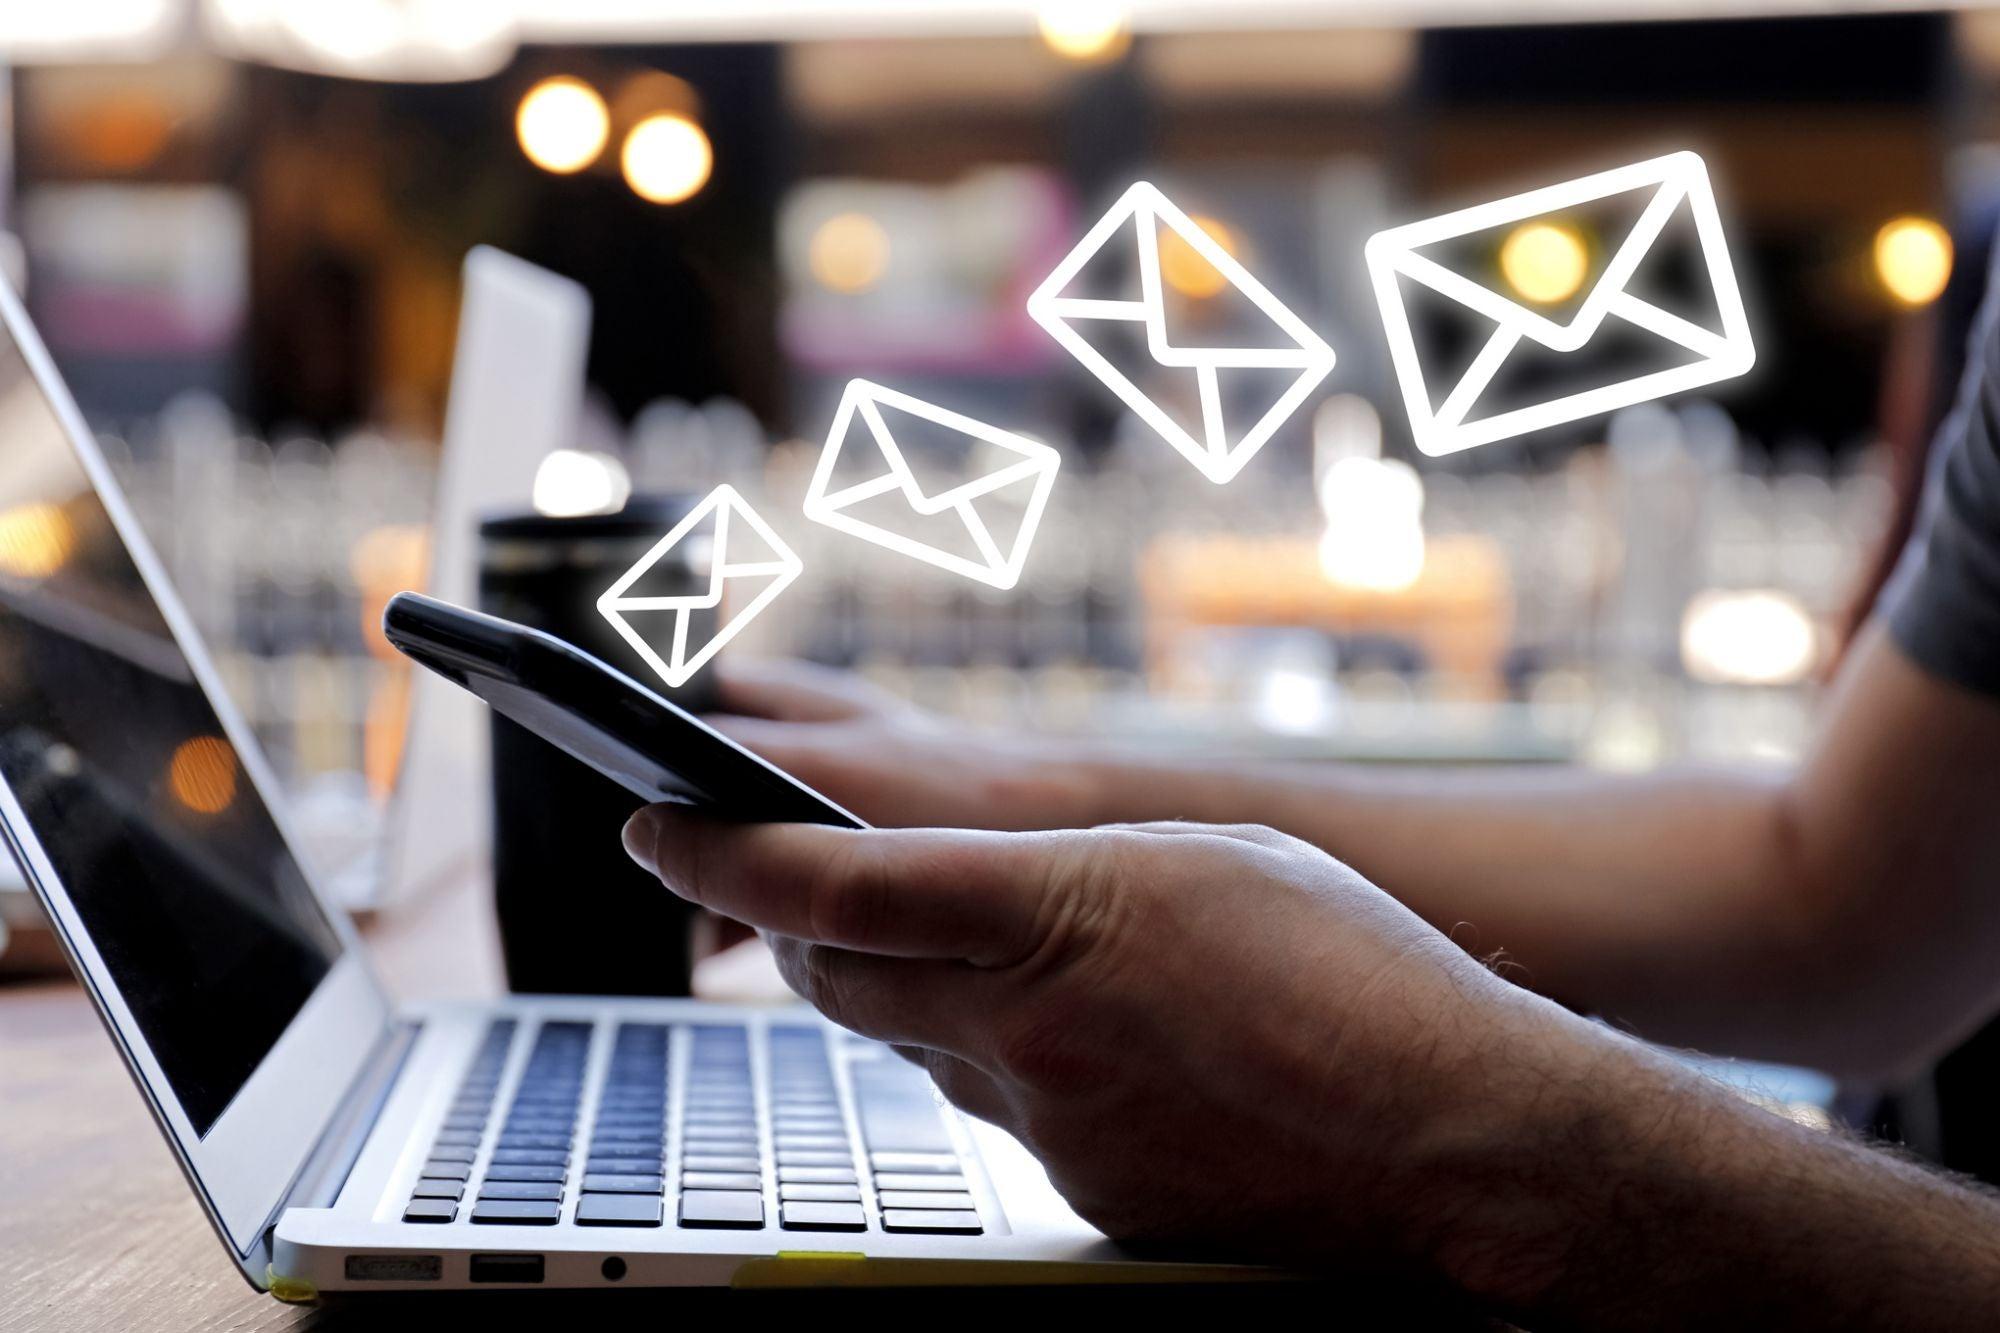 Cách Dùng Email Marketing Cho Cửa Hàng Shopify   Digital 38 Vietnam